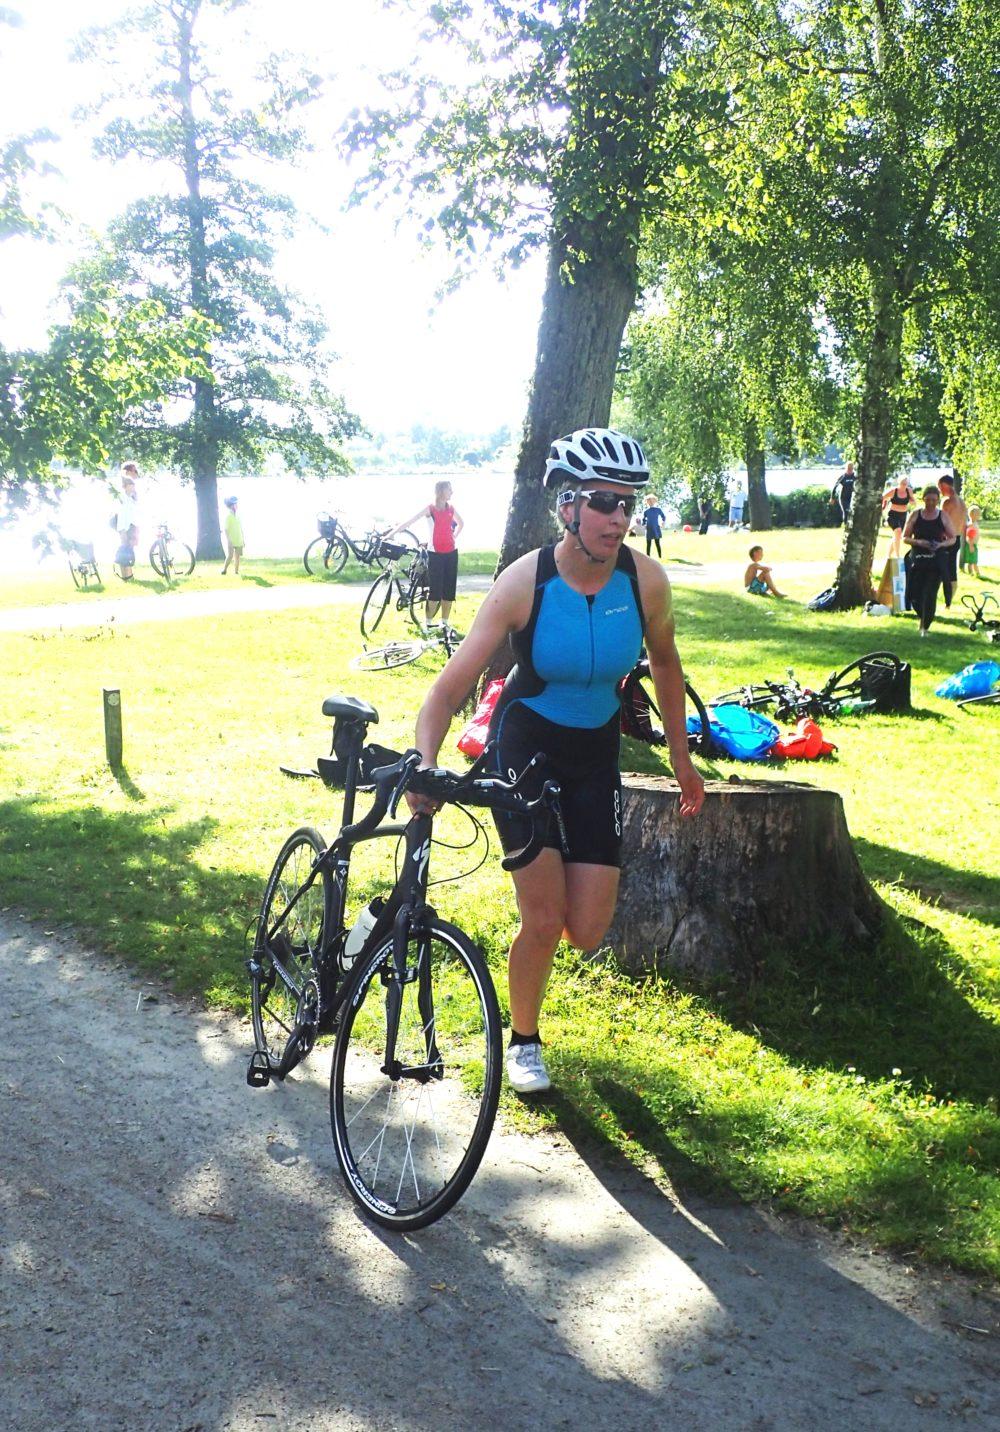 Iväg mot cykelsträckan, men först lite spring med cykeln till en markering där det var tillåtet att hoppa upp och börja trampa.